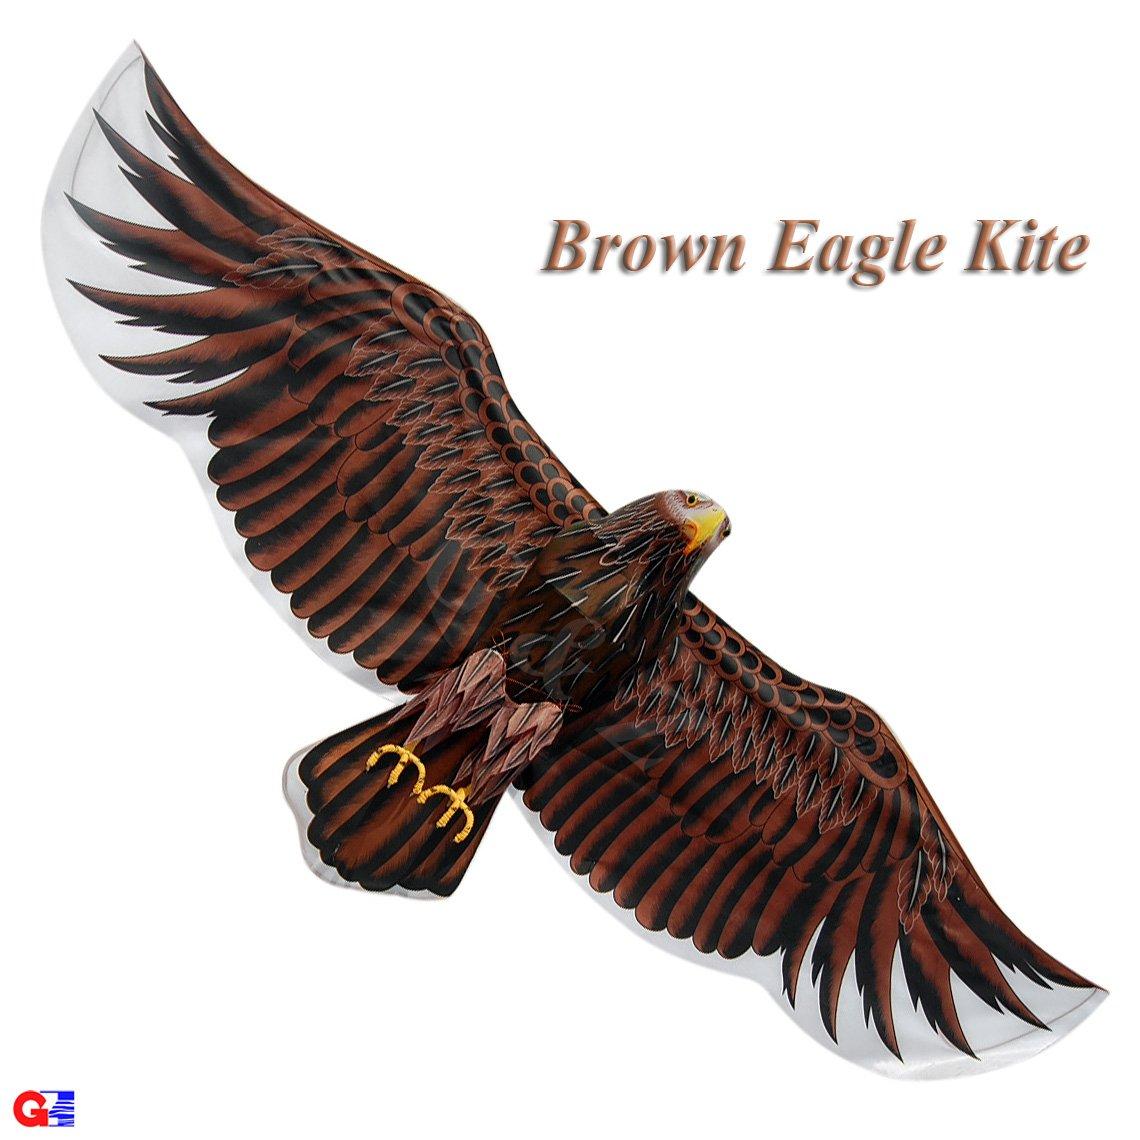 3d Extra LargeダークブラウンEagle Kite – ChineseハンドメイドシルクKites B00B2YW5PQ